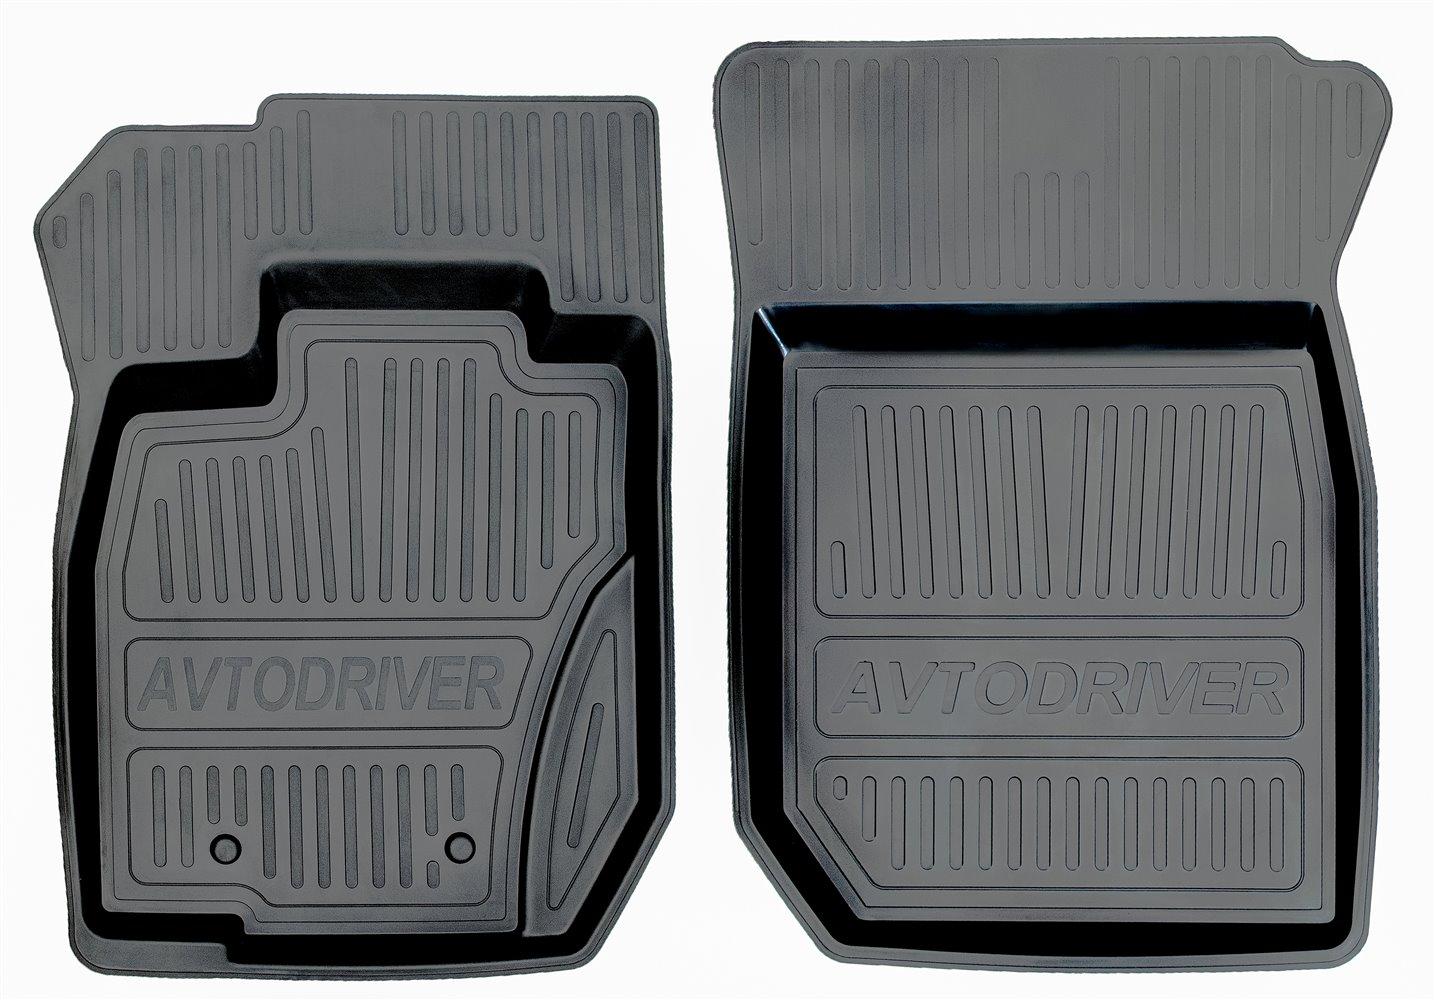 Коврики салона Avtodriver для Renault Duster полный привод (2011-2015) (2 передних) ADRJET022-2, резиновые, с бортиком, черный коврики салона avtodriver для renault duster передний привод 2011 adrjet023 резиновые с бортиком черный